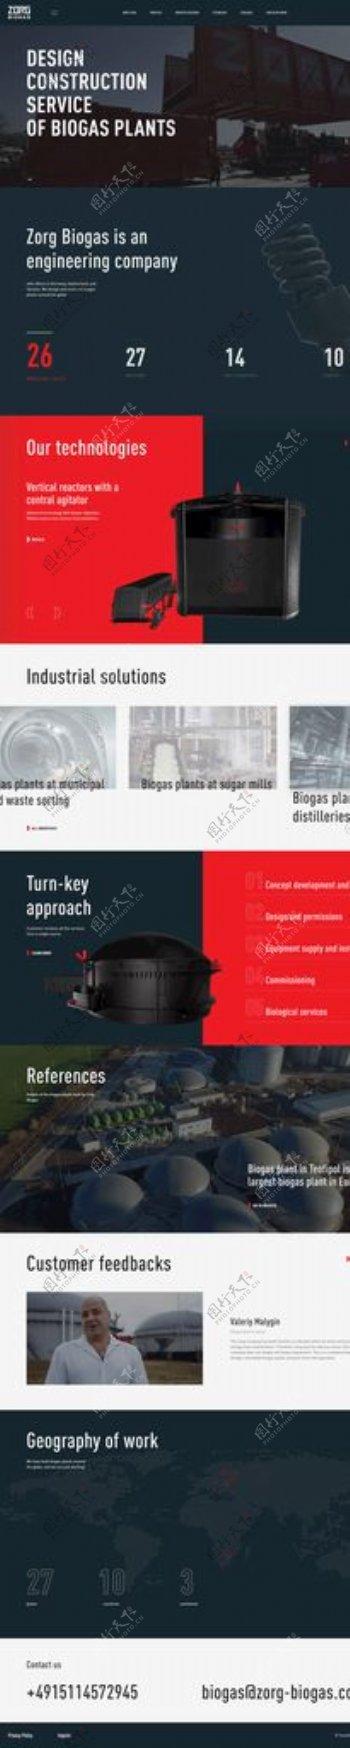 英文工程技术企业官网首页设计图片